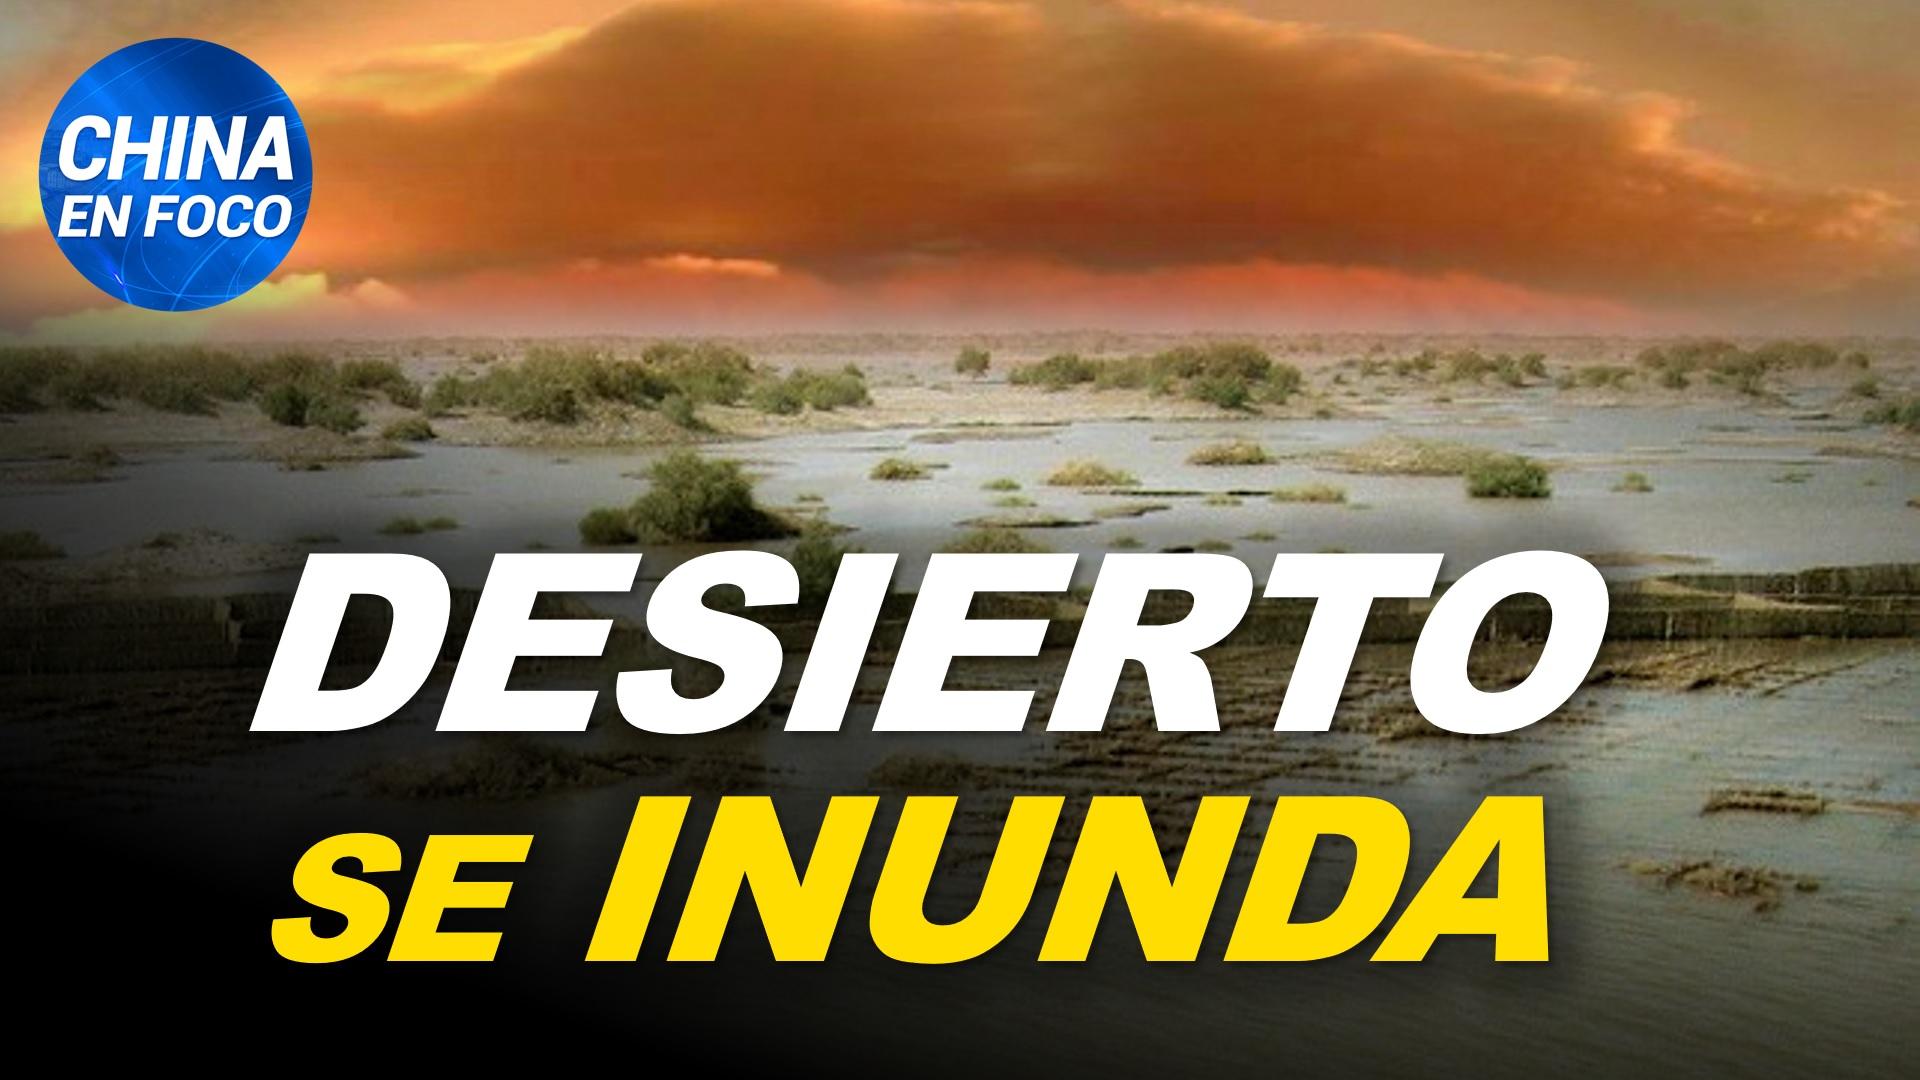 China en Foco: Se inunda el desierto más grande de China. Pánico por nueva propagación del virus